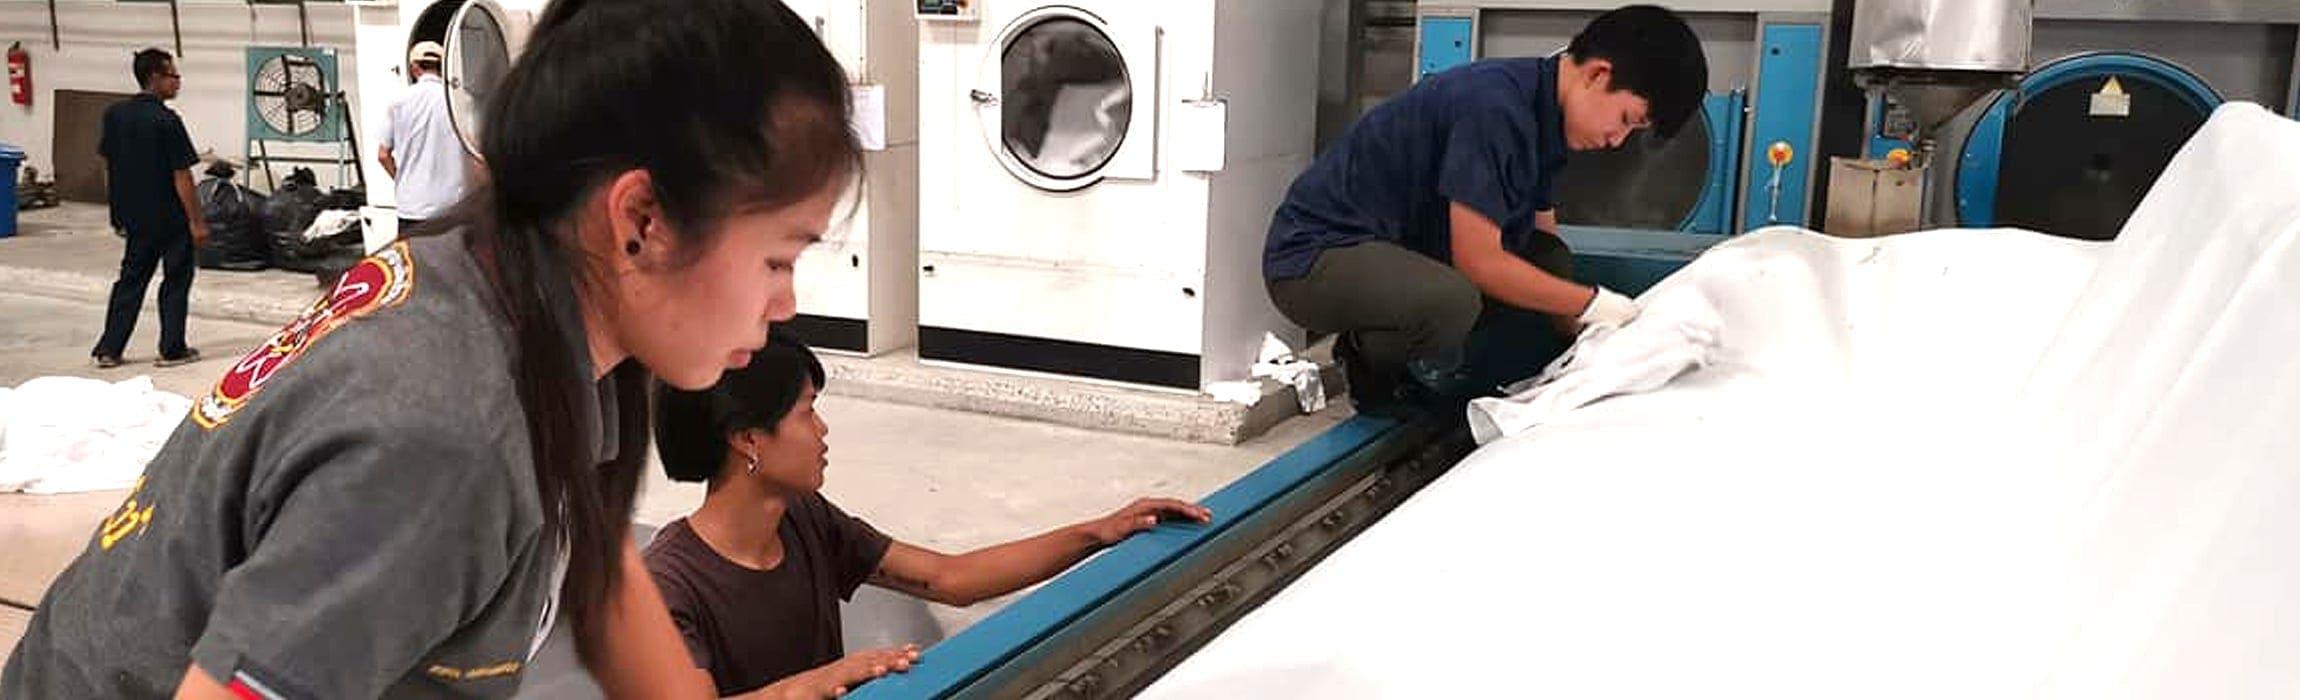 งานติดตั้ง ผ้าสักหลาดหุ้มลูกกลิ้ง NICHOLINE แบบโพลีเอสเตอร์ polyester 900G และโนแม็กซ์ โนเม็ก nomex 800G สำหรับ เครื่องรีดผ้าแบบกระทะ เครื่องรีดผ้าแบบลูกกลิ้ง ทุกรุ่น